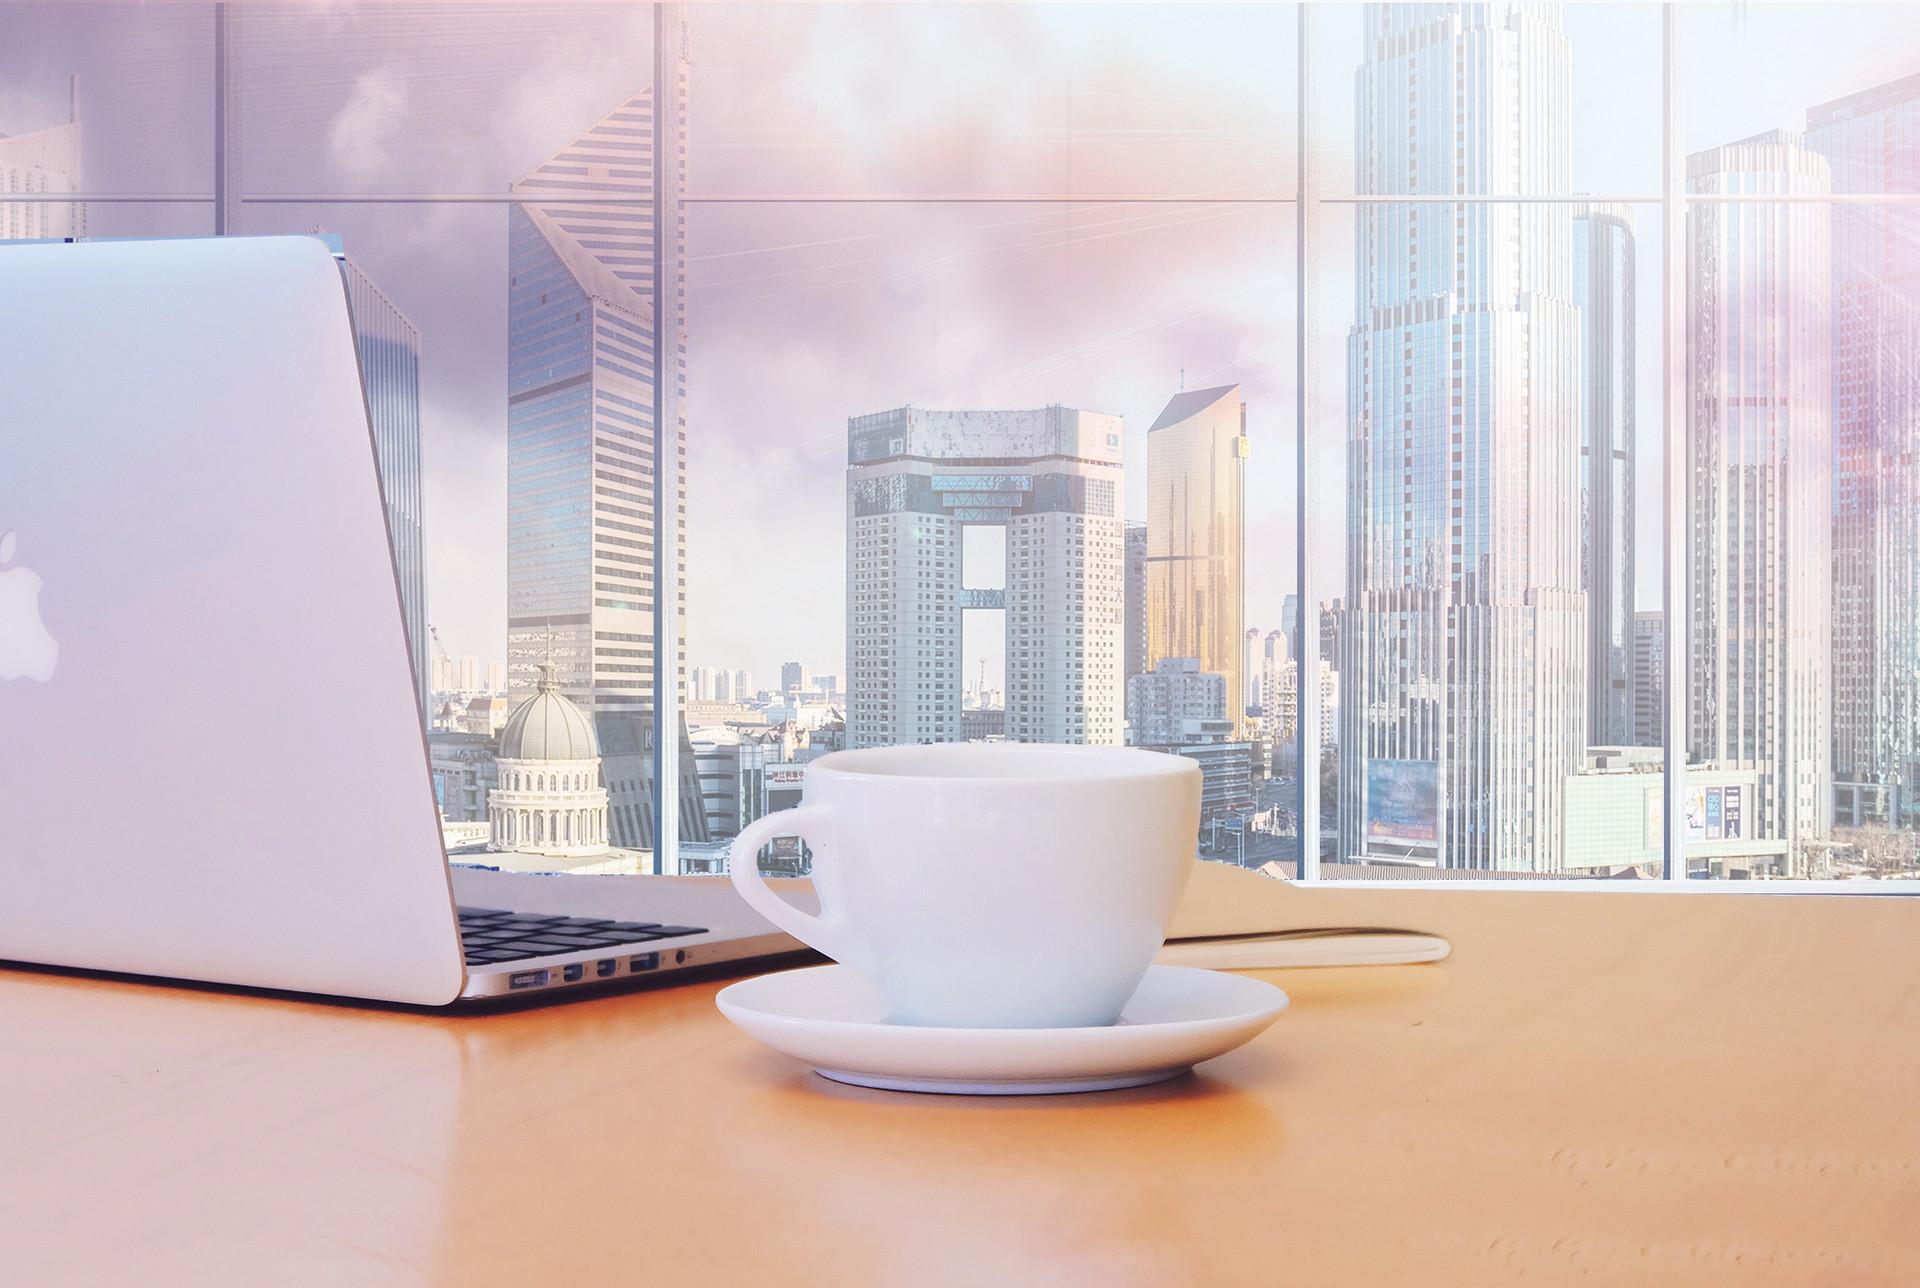 长沙社保代缴的优势有哪些?先容社保代缴给企业带来的优势